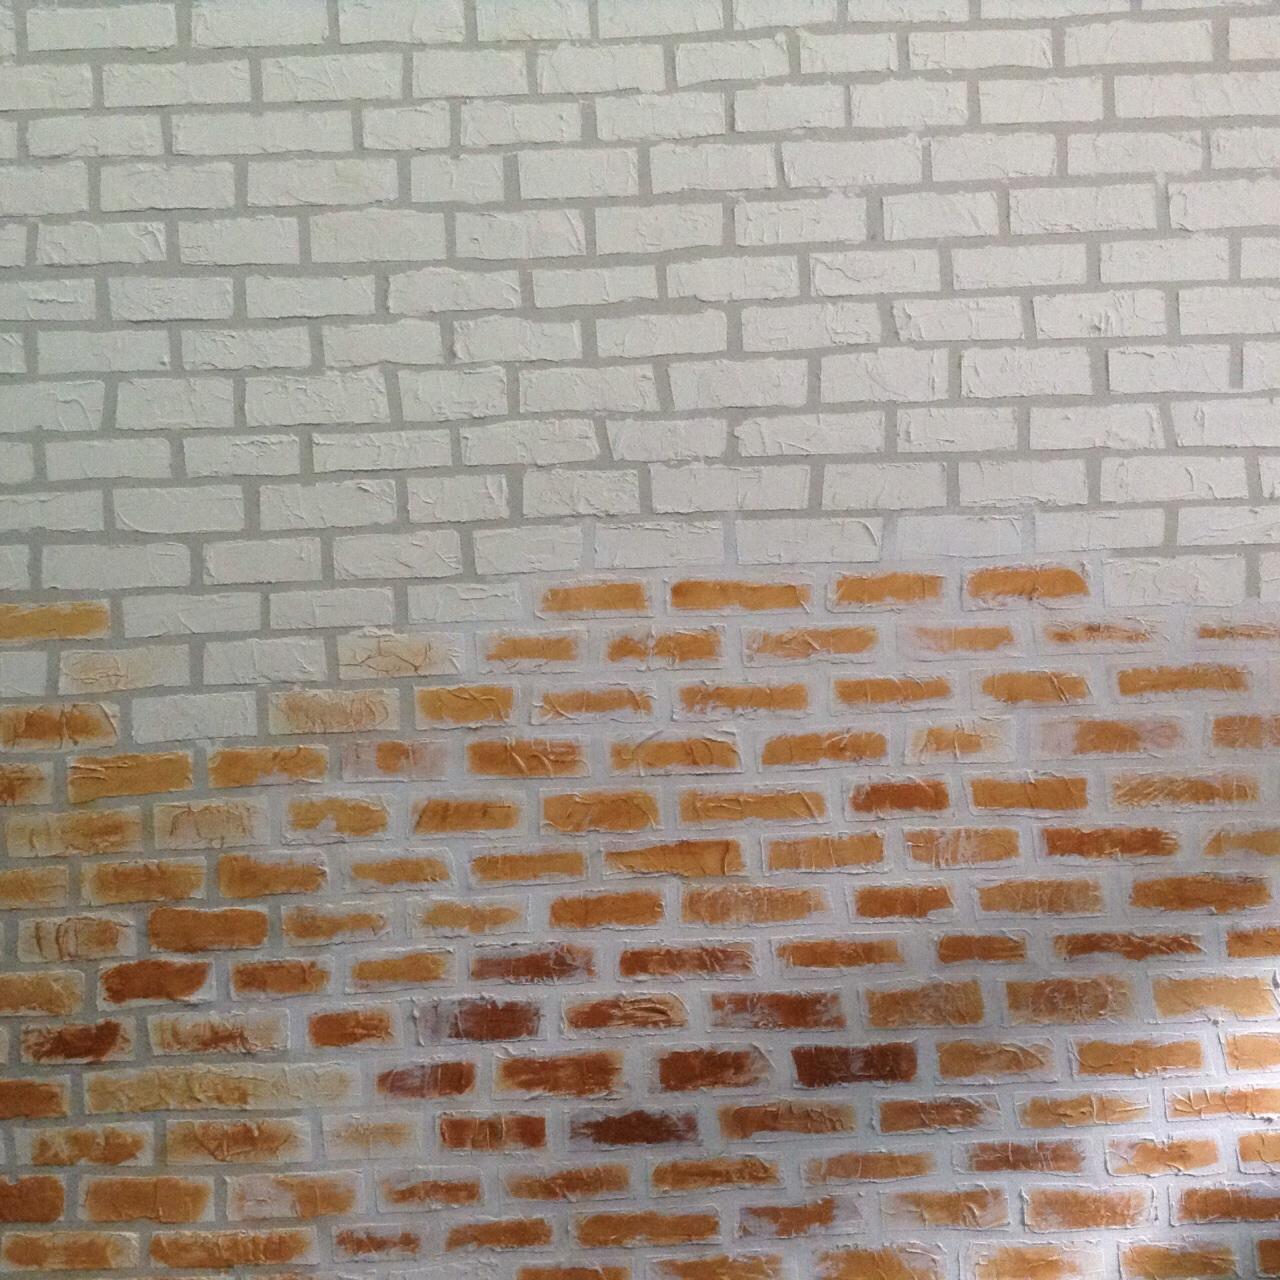 d-i-y-faux-brick (8)